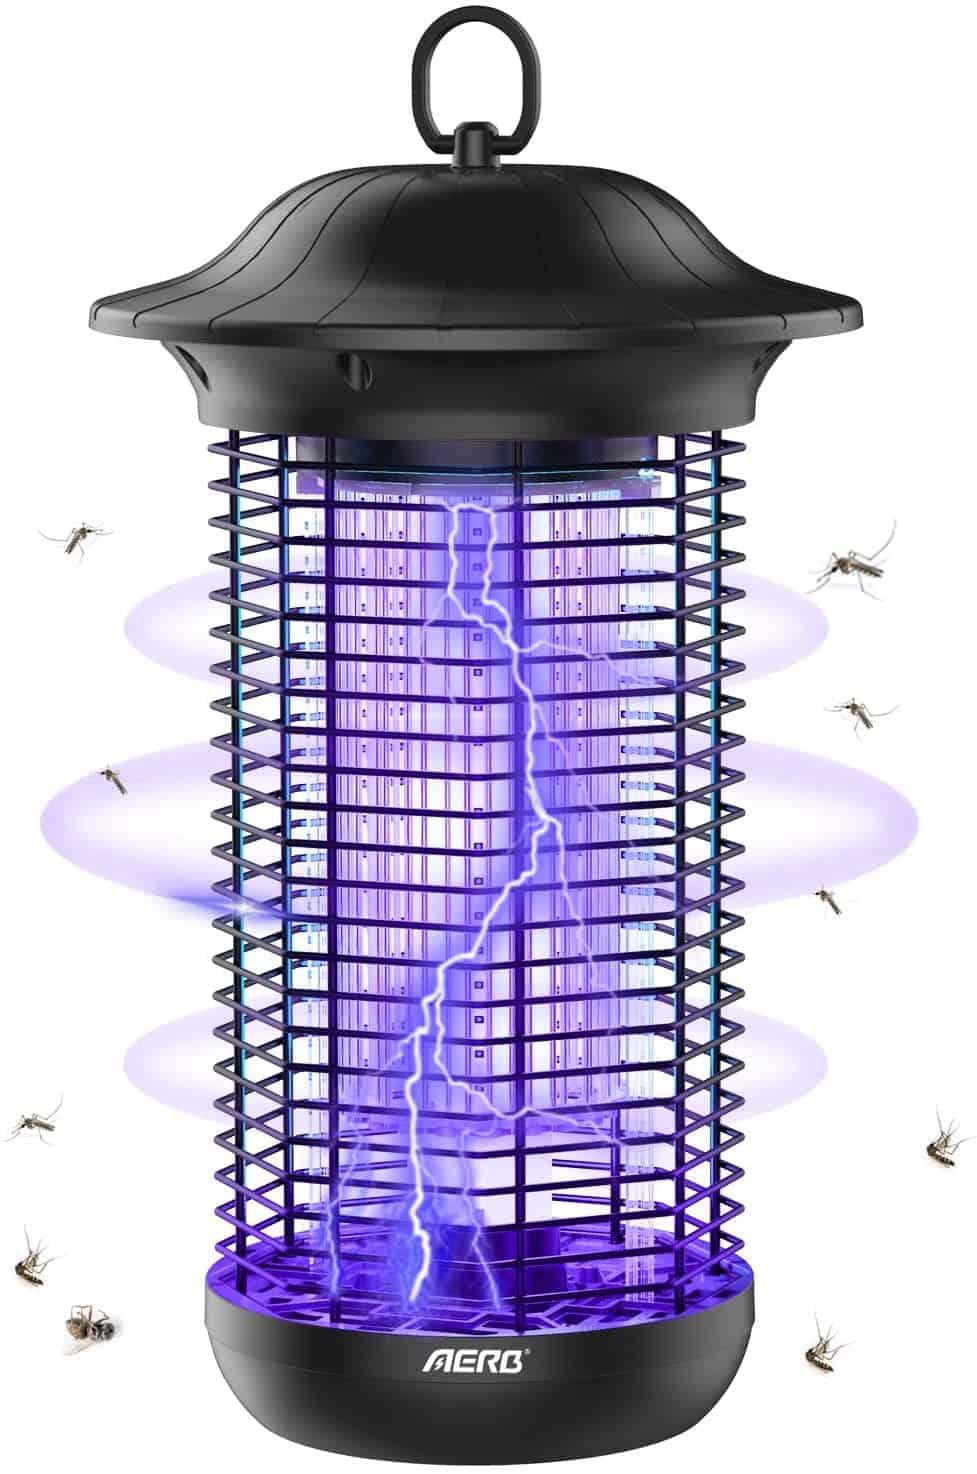 Aerb Elektrischer Insektenvernichter